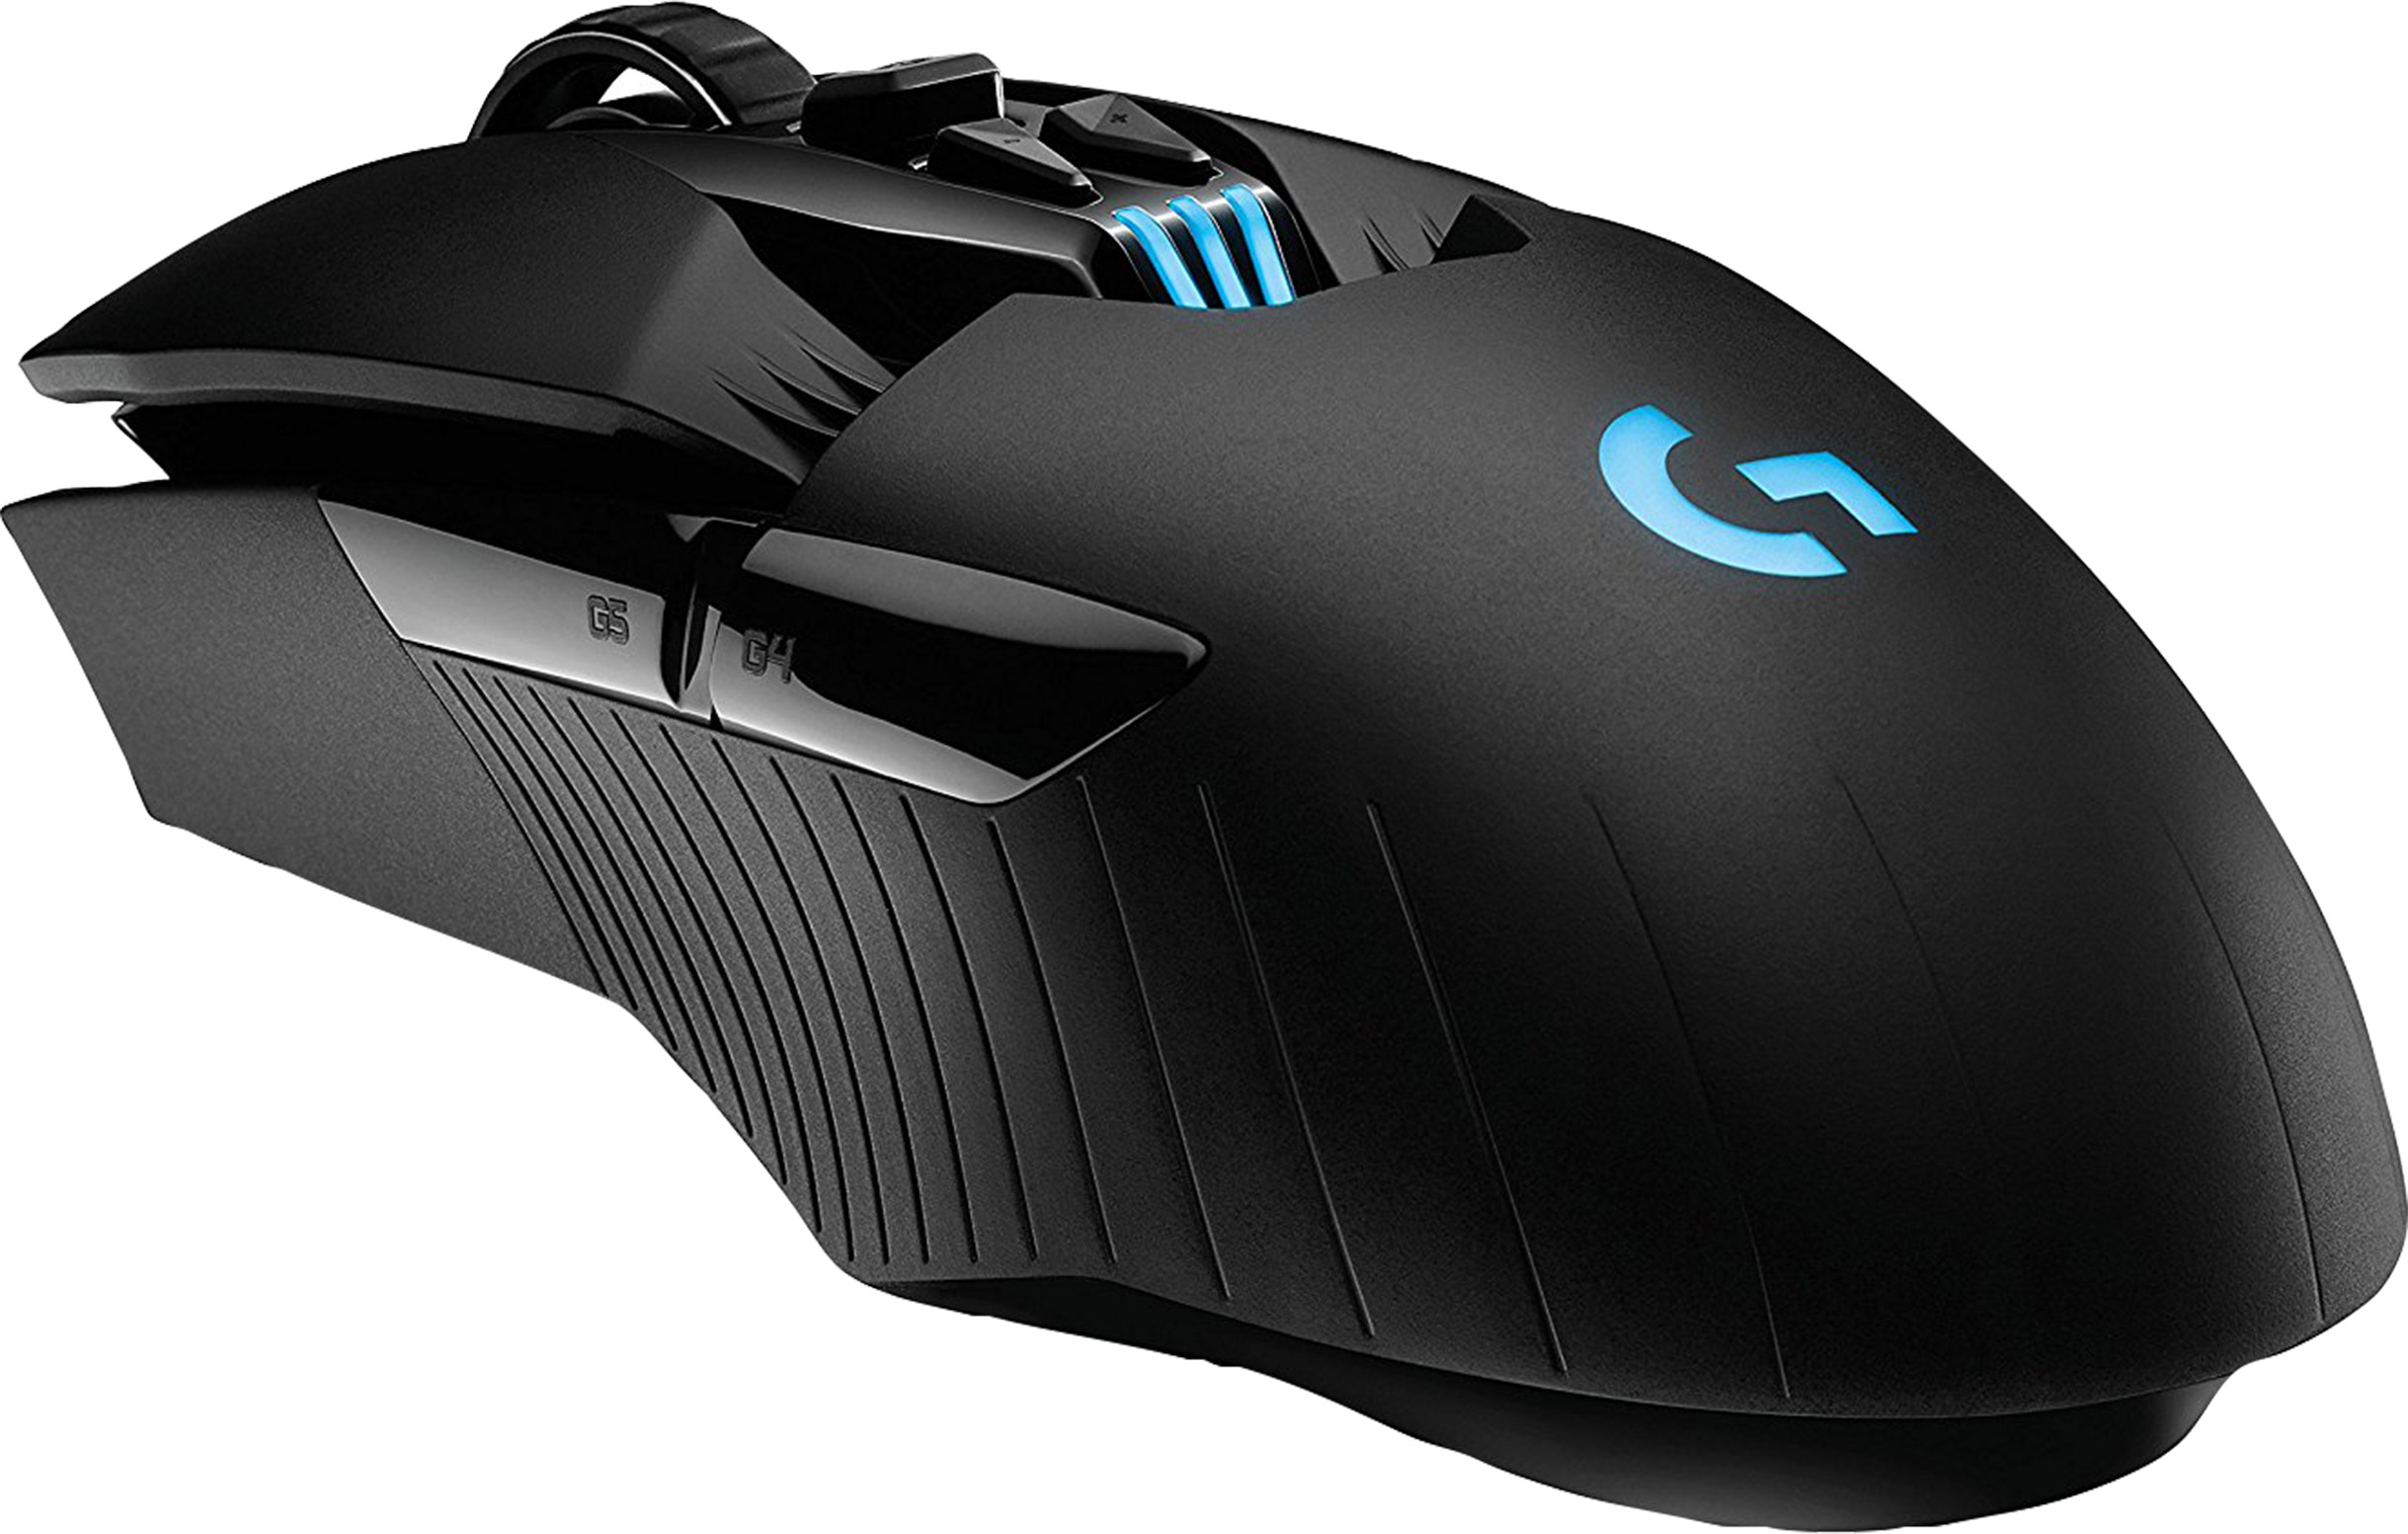 Logitech G903 LIGHTSPEED Wireless Gaming Mouse Deal